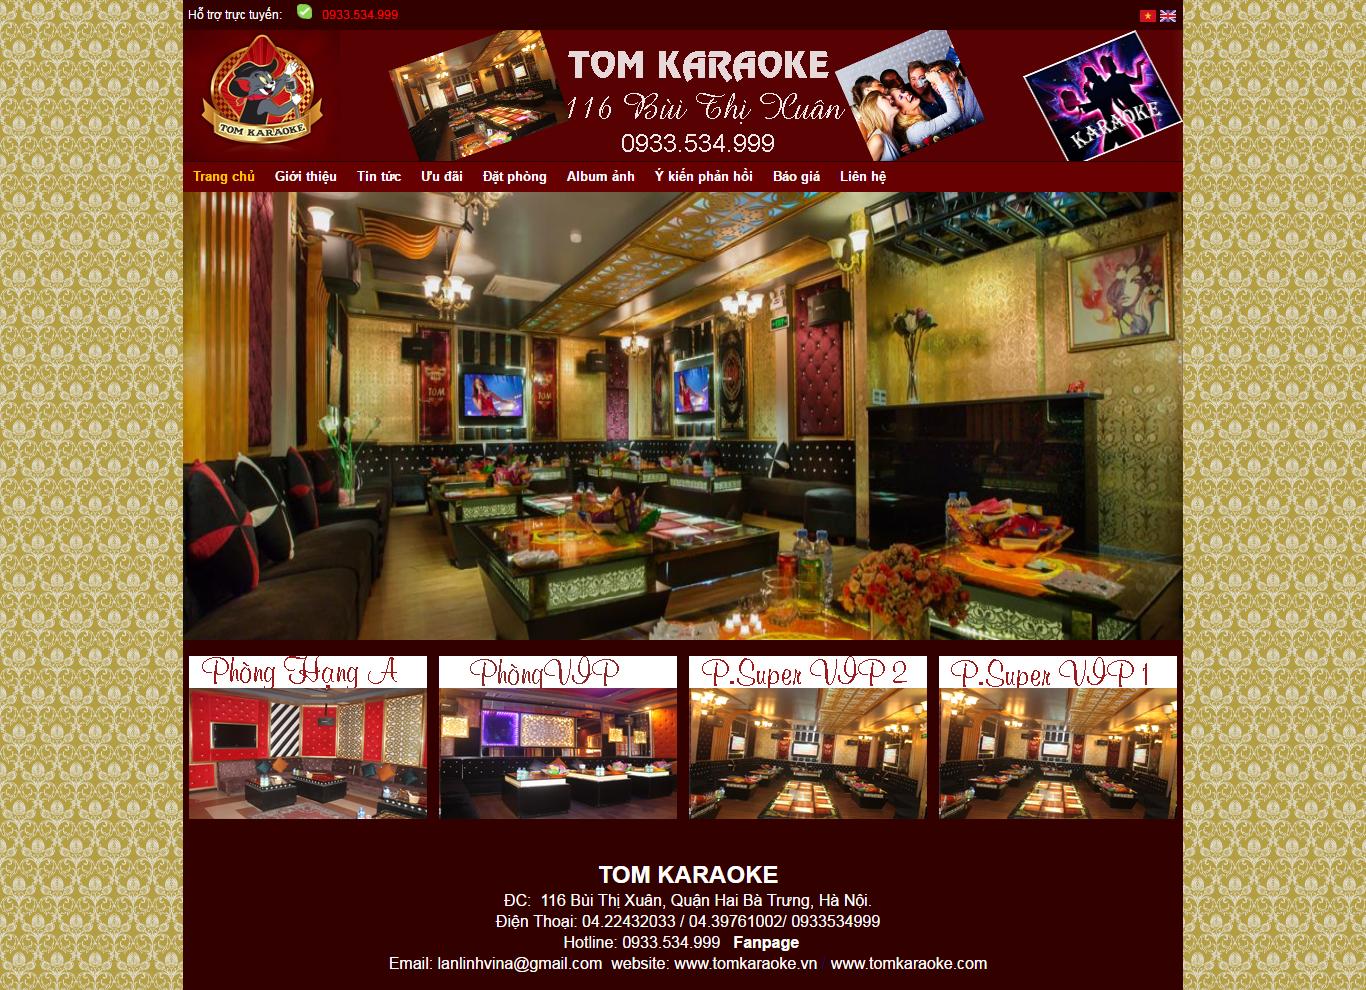 Thiết kế website karaoke Tom đẹp, chuyên nghiệp chuẩn SEO